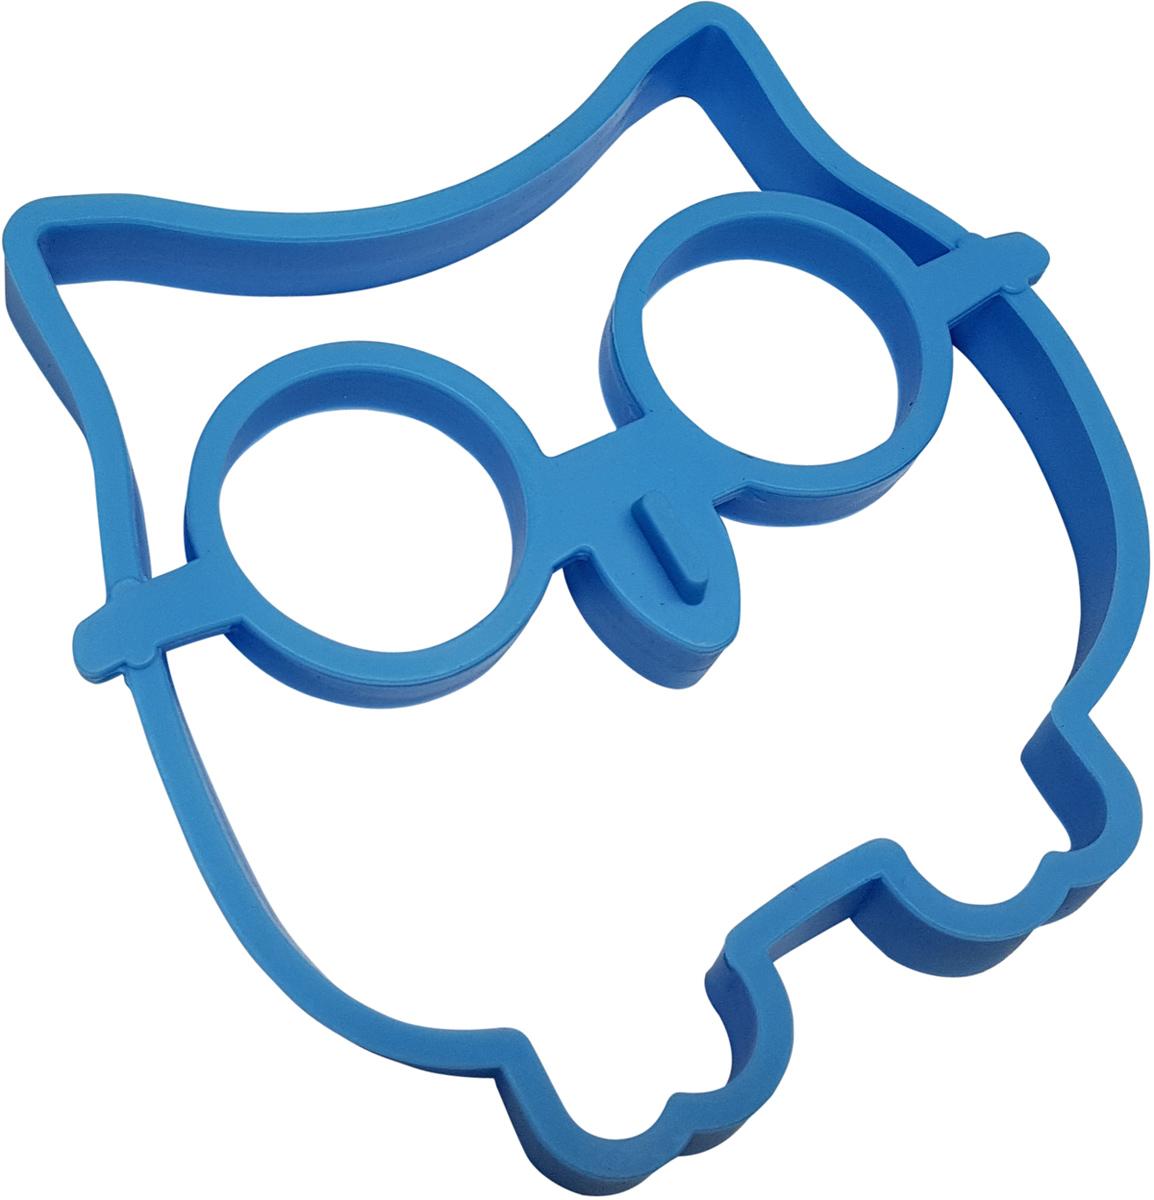 Форма для яичницы FidgetGo Сова, цвет: голубой, 12 х 12,5 х 1,7 см2212345678977Начните утро своего ребенка с веселого завтрака. Ваши дети будут снова и снова ждать его с нетерпением.Продовольственная, безопасная для посудомоечной машины силиконовая формы в виде Совы.Промыть перед первым использованием.